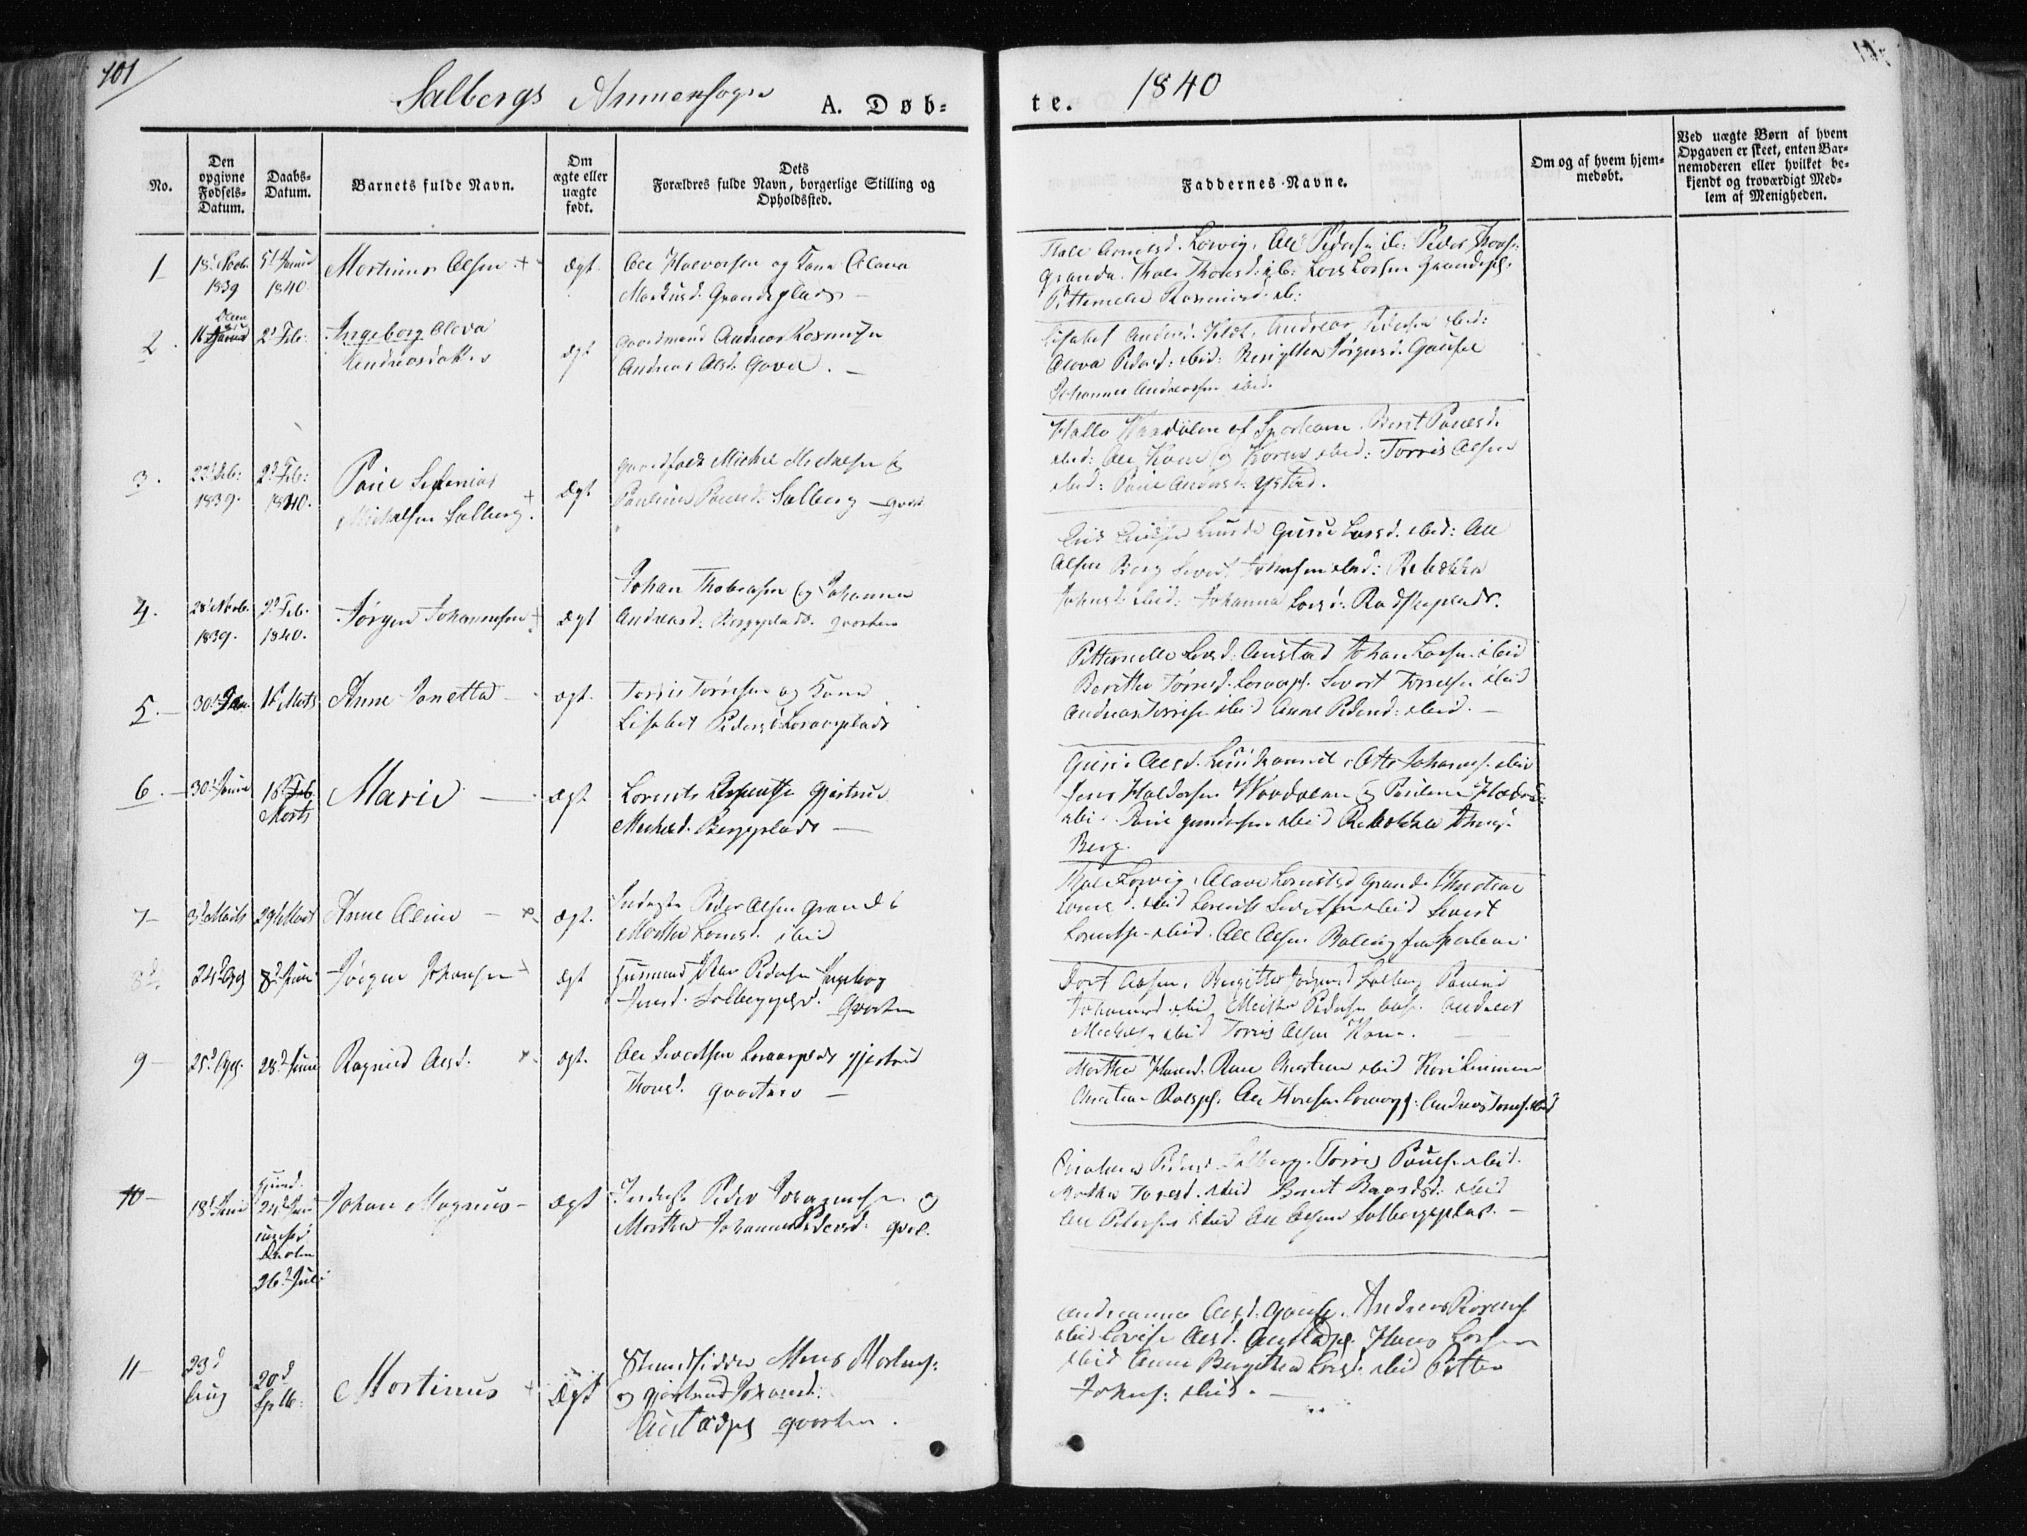 SAT, Ministerialprotokoller, klokkerbøker og fødselsregistre - Nord-Trøndelag, 730/L0280: Parish register (official) no. 730A07 /2, 1840-1854, p. 101